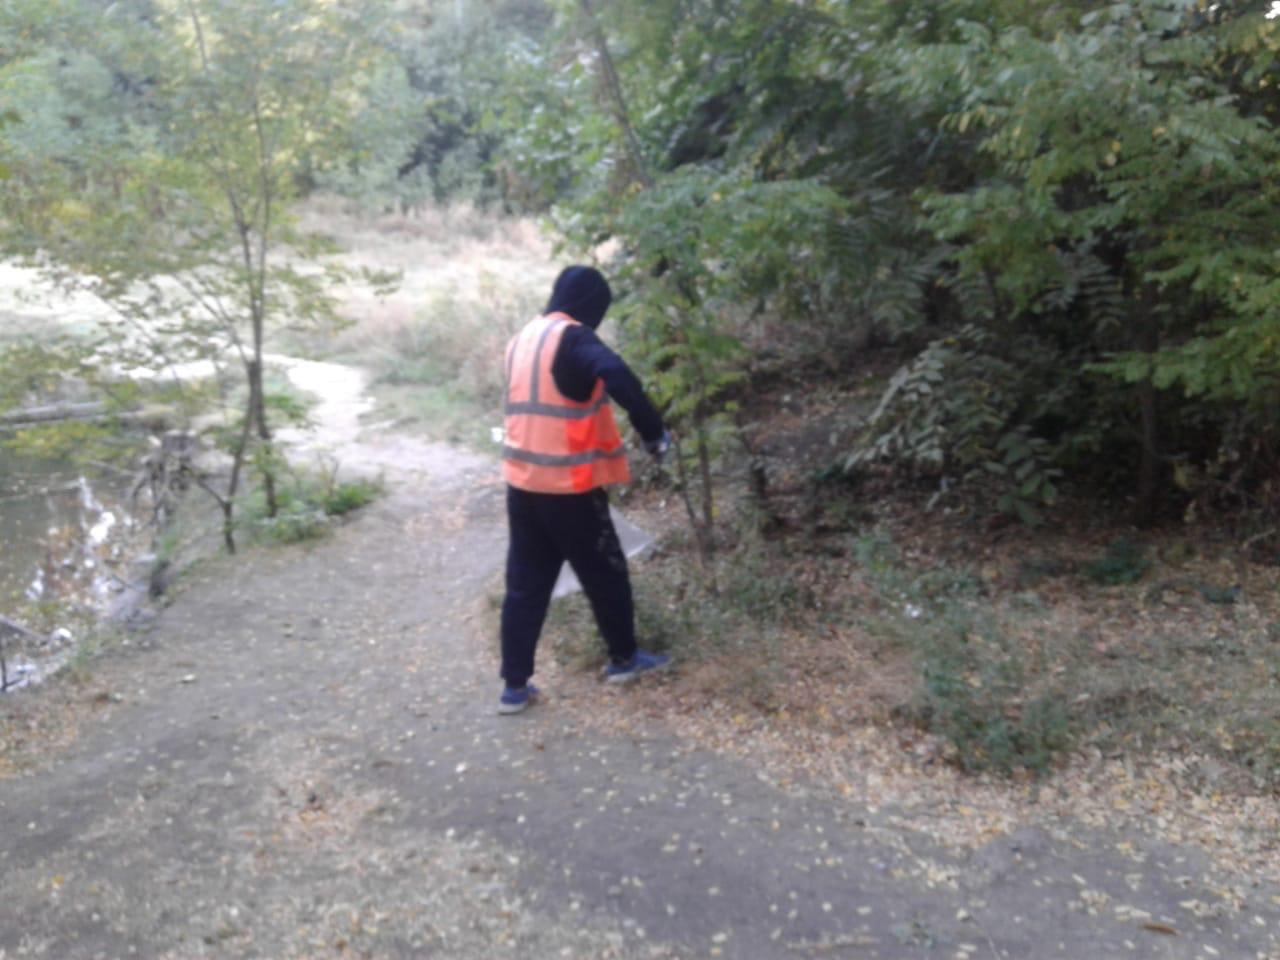 МКУ «Благоустройство»: В роще «Дубки» выполняется уборка мусора и подметаний территорий